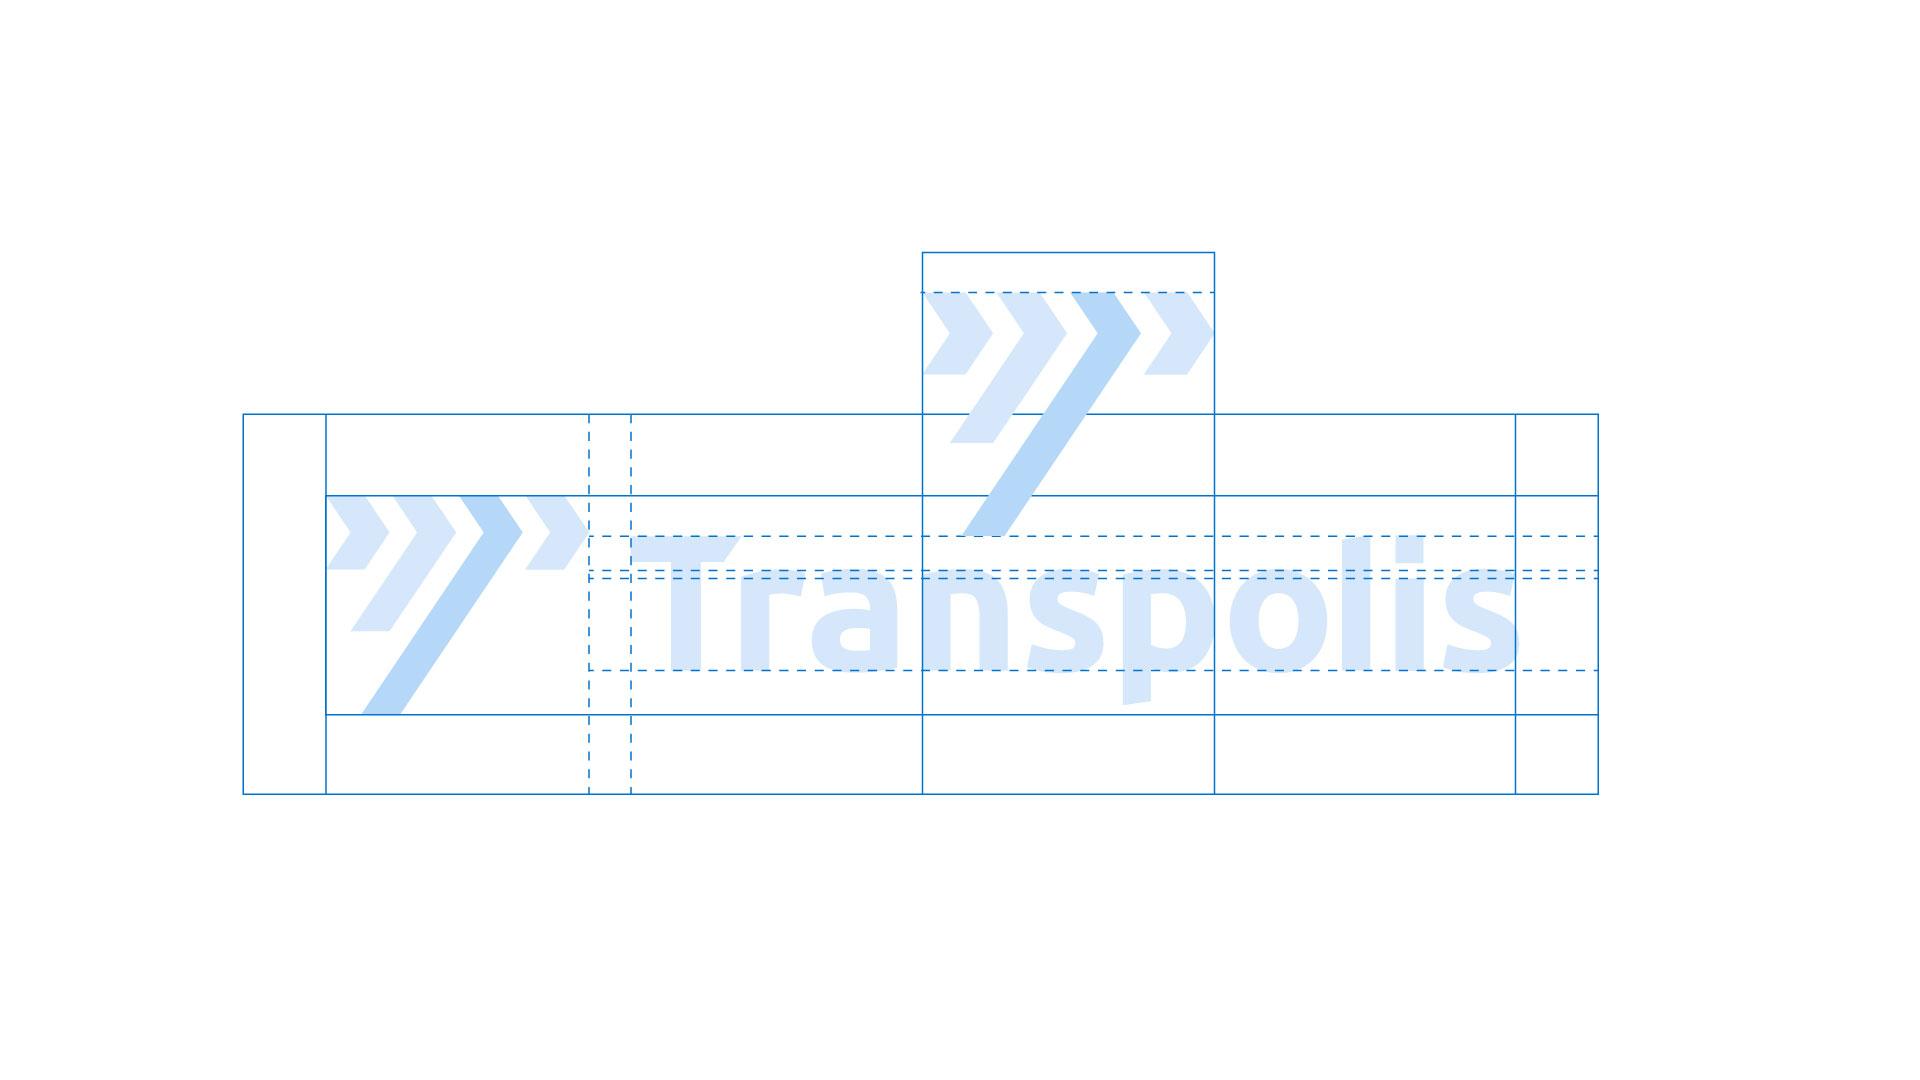 guillaume_brochet_logo_construction